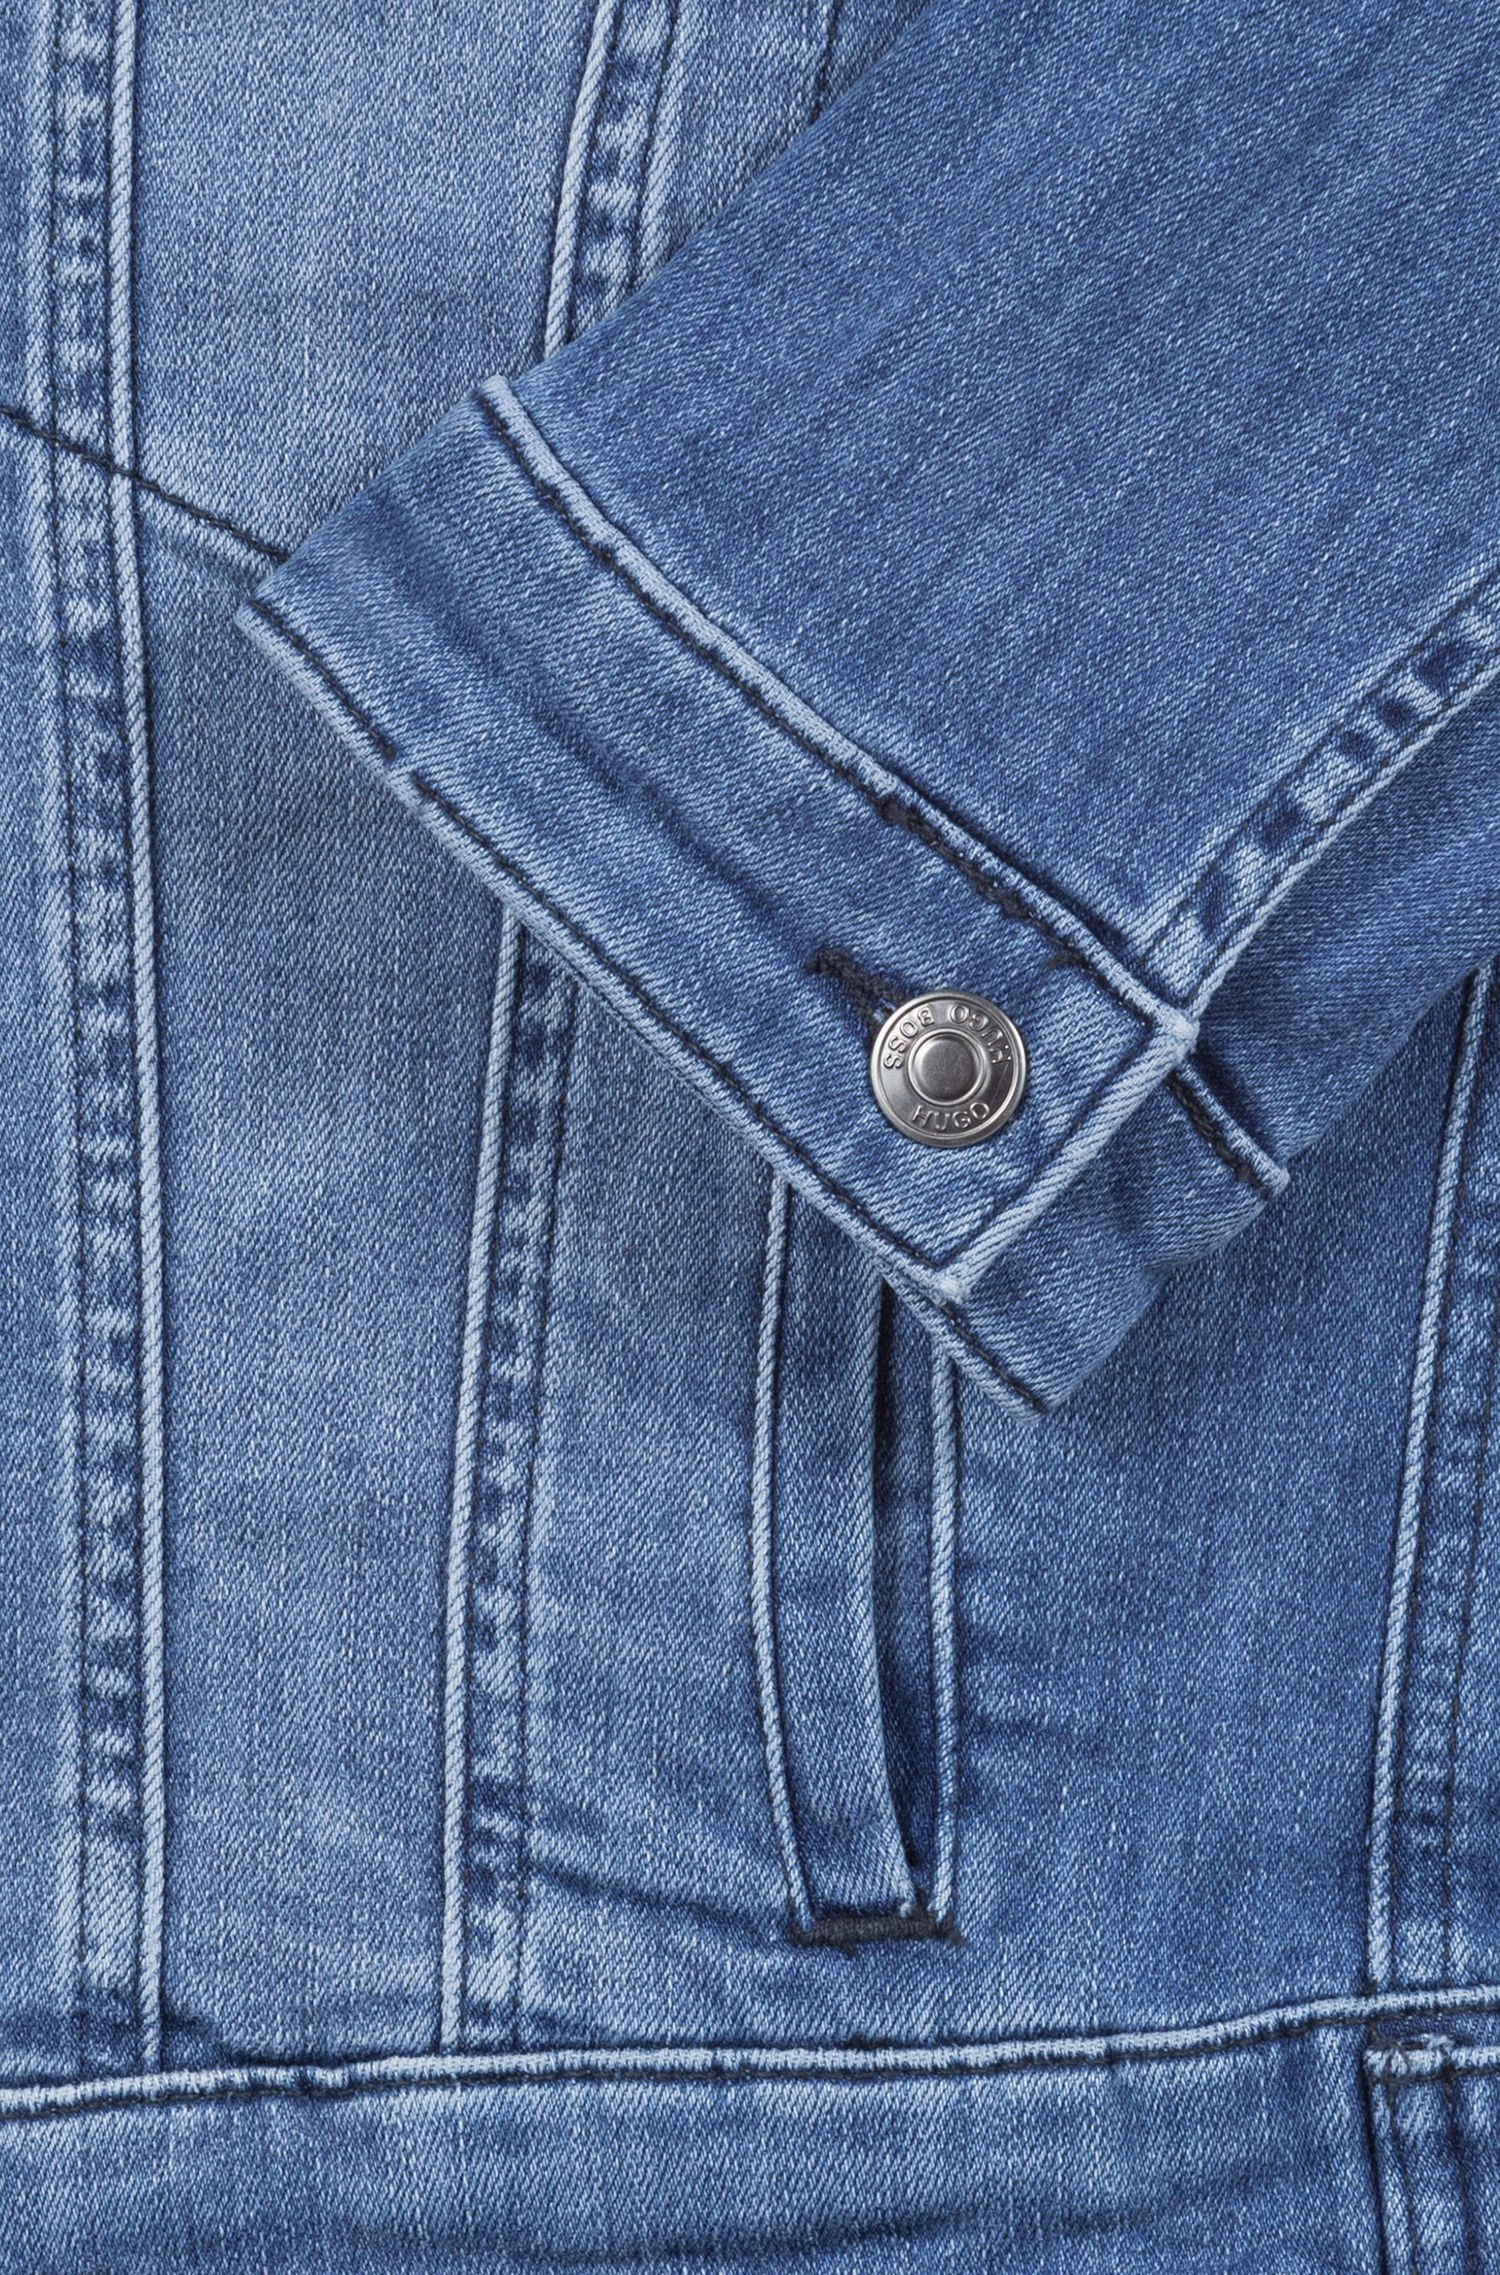 Cazadora vaquera slim fit con bolsillos de botones en el pecho